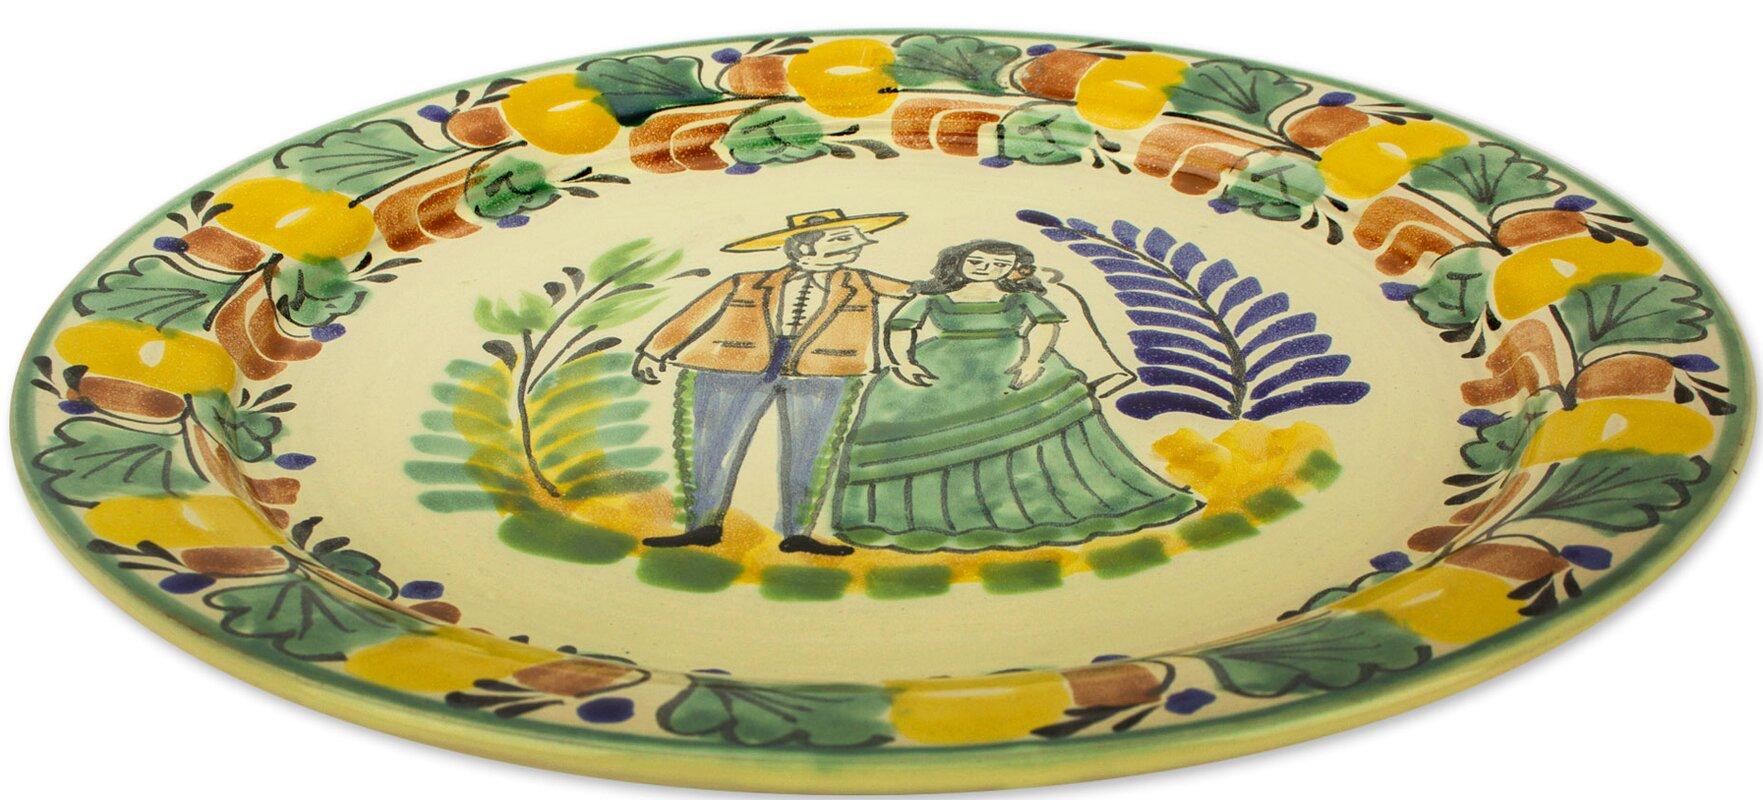 Fleur De Lis Living David Colonial Couple Majolica Ceramic ...